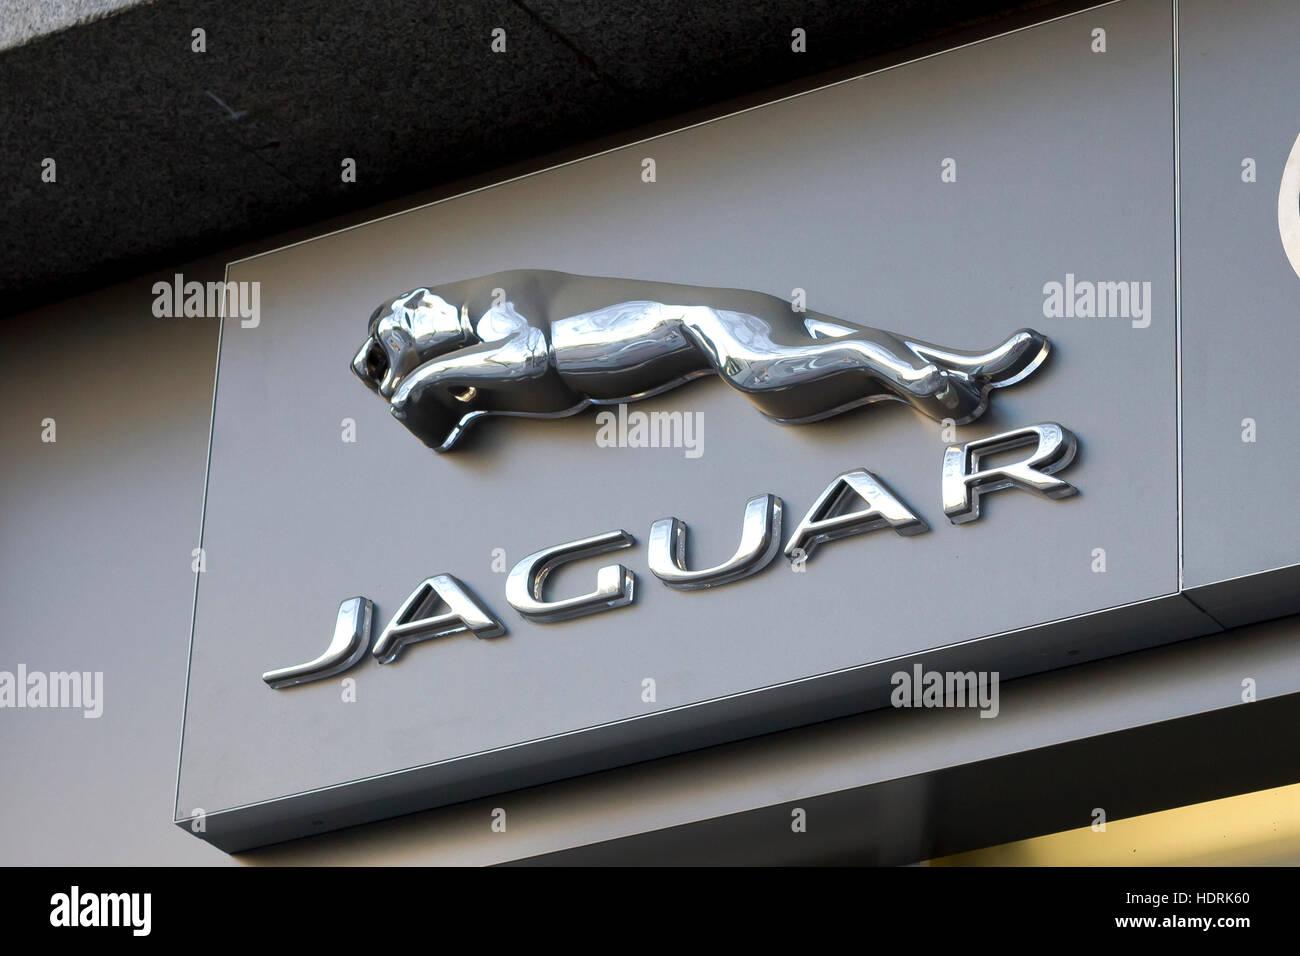 Lovely Logotipo Do Famoso Carro Da Jaguar Car Maker Da Concessionária De Carros Em  Madrid.